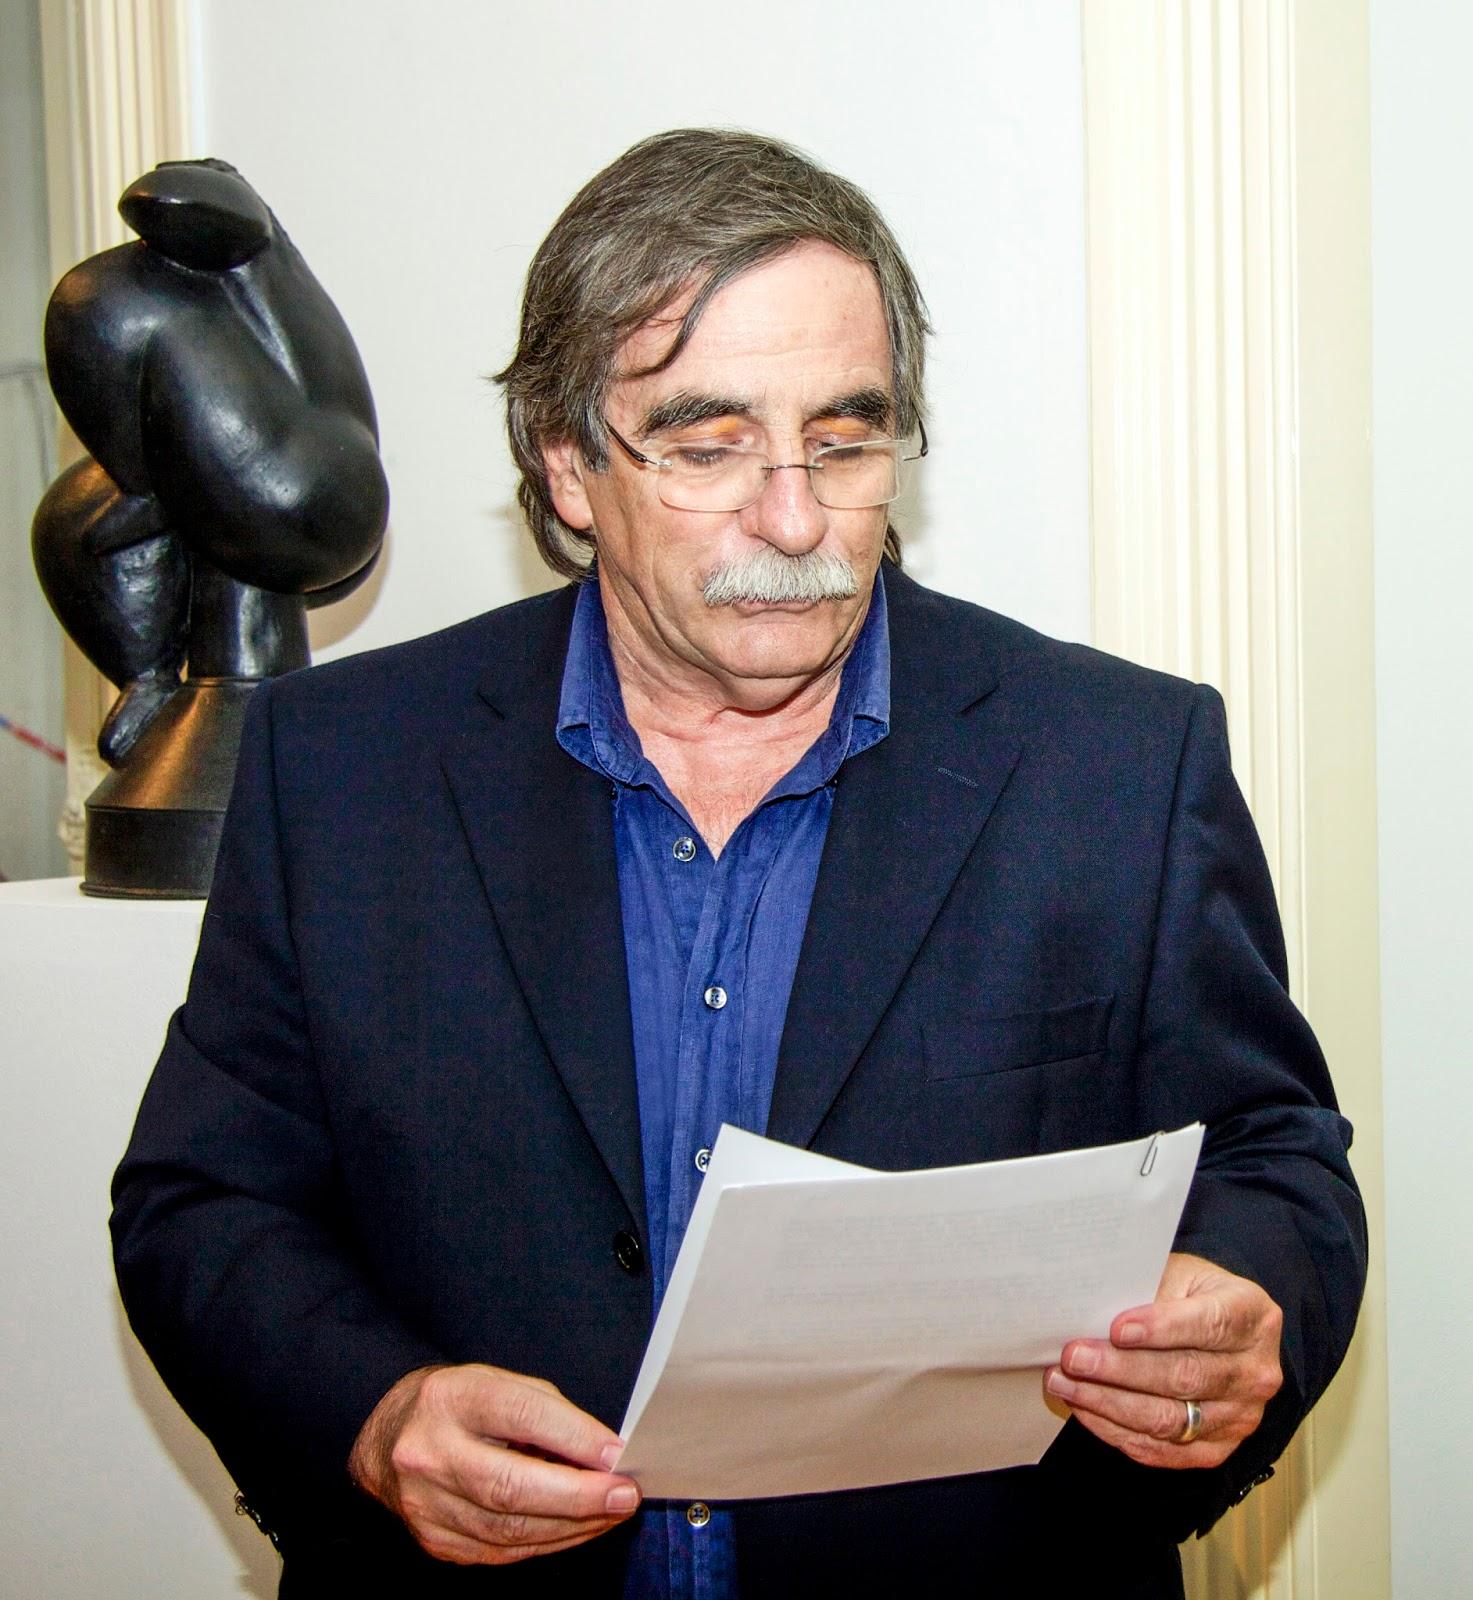 Álvaro Lobato Faria